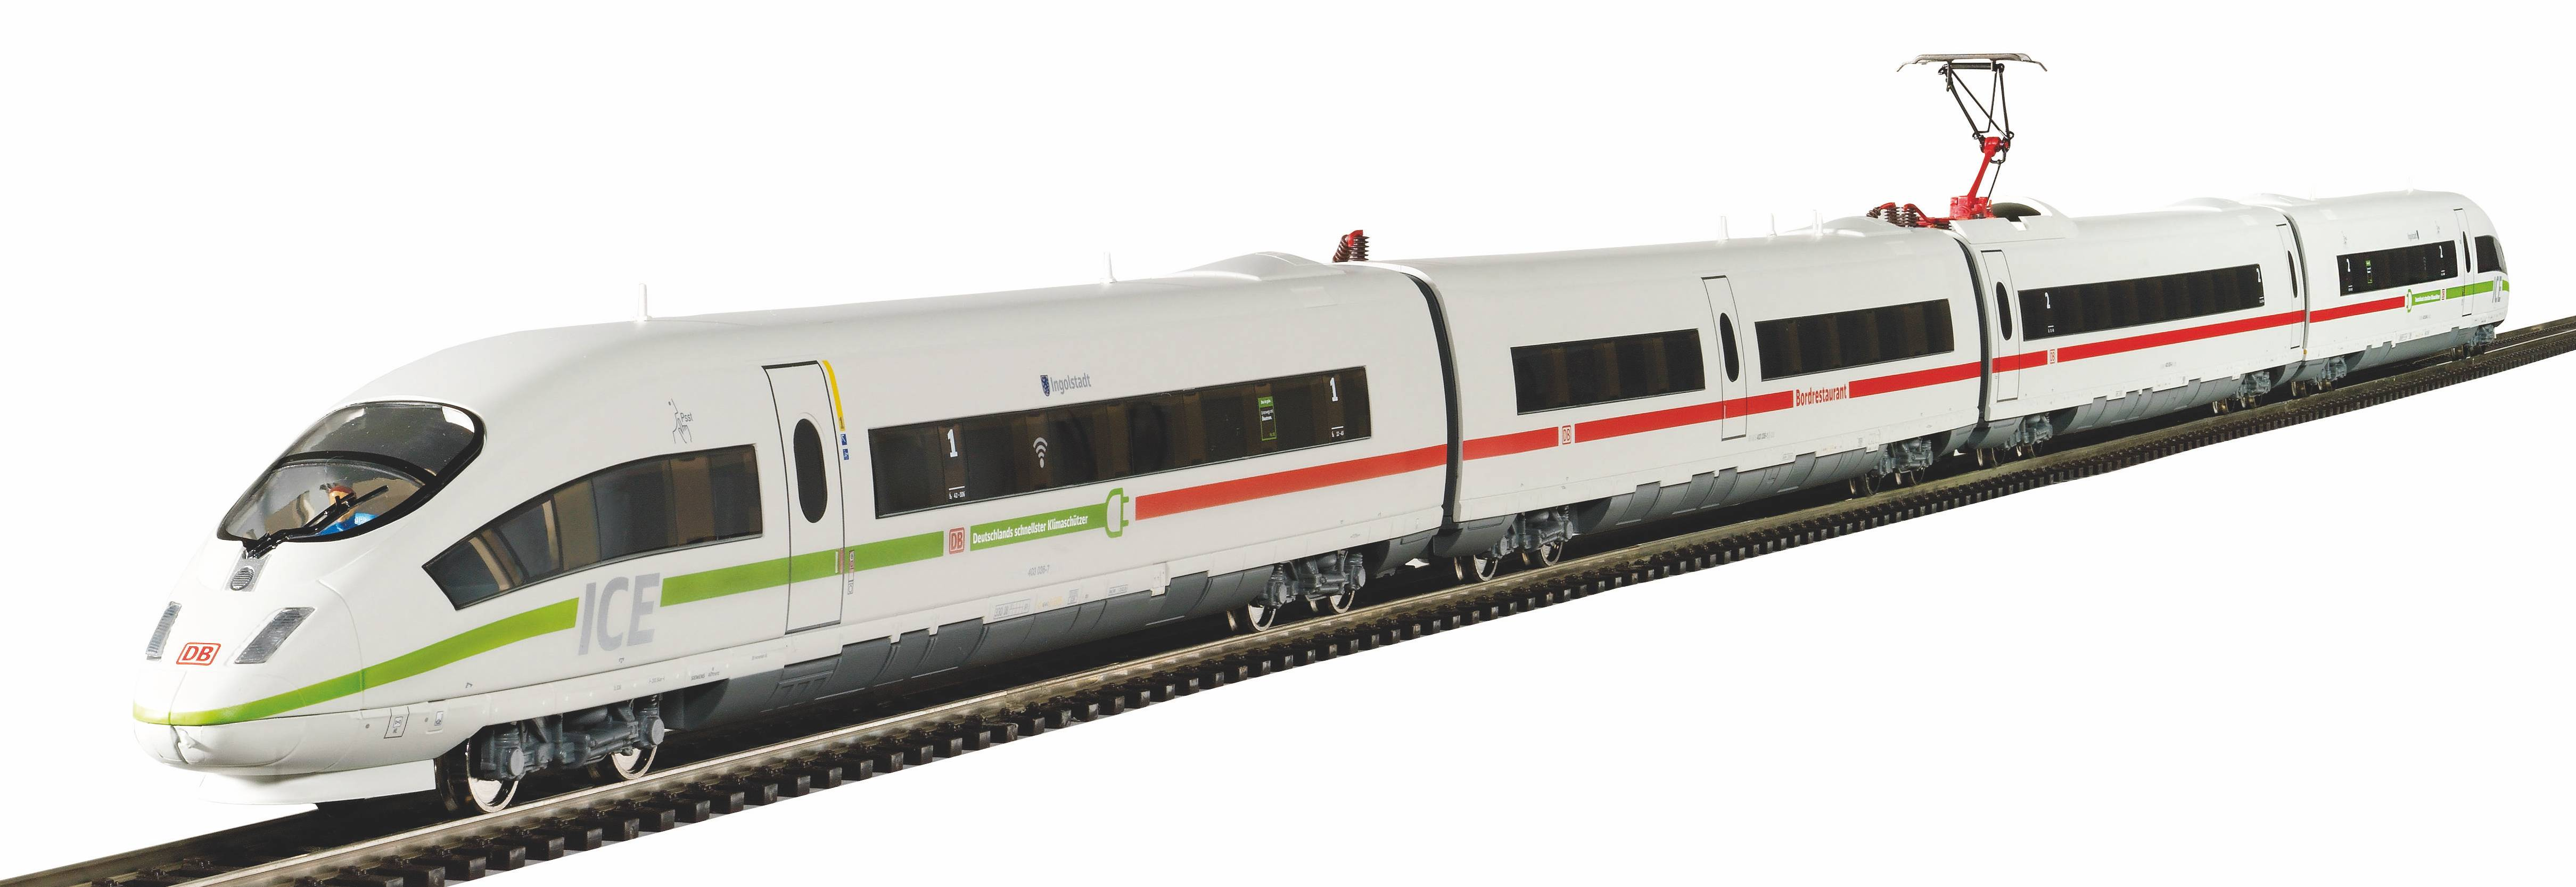 Piko Elektrický vlak ICE 3 ochránce klimatu DB AG V - 47008